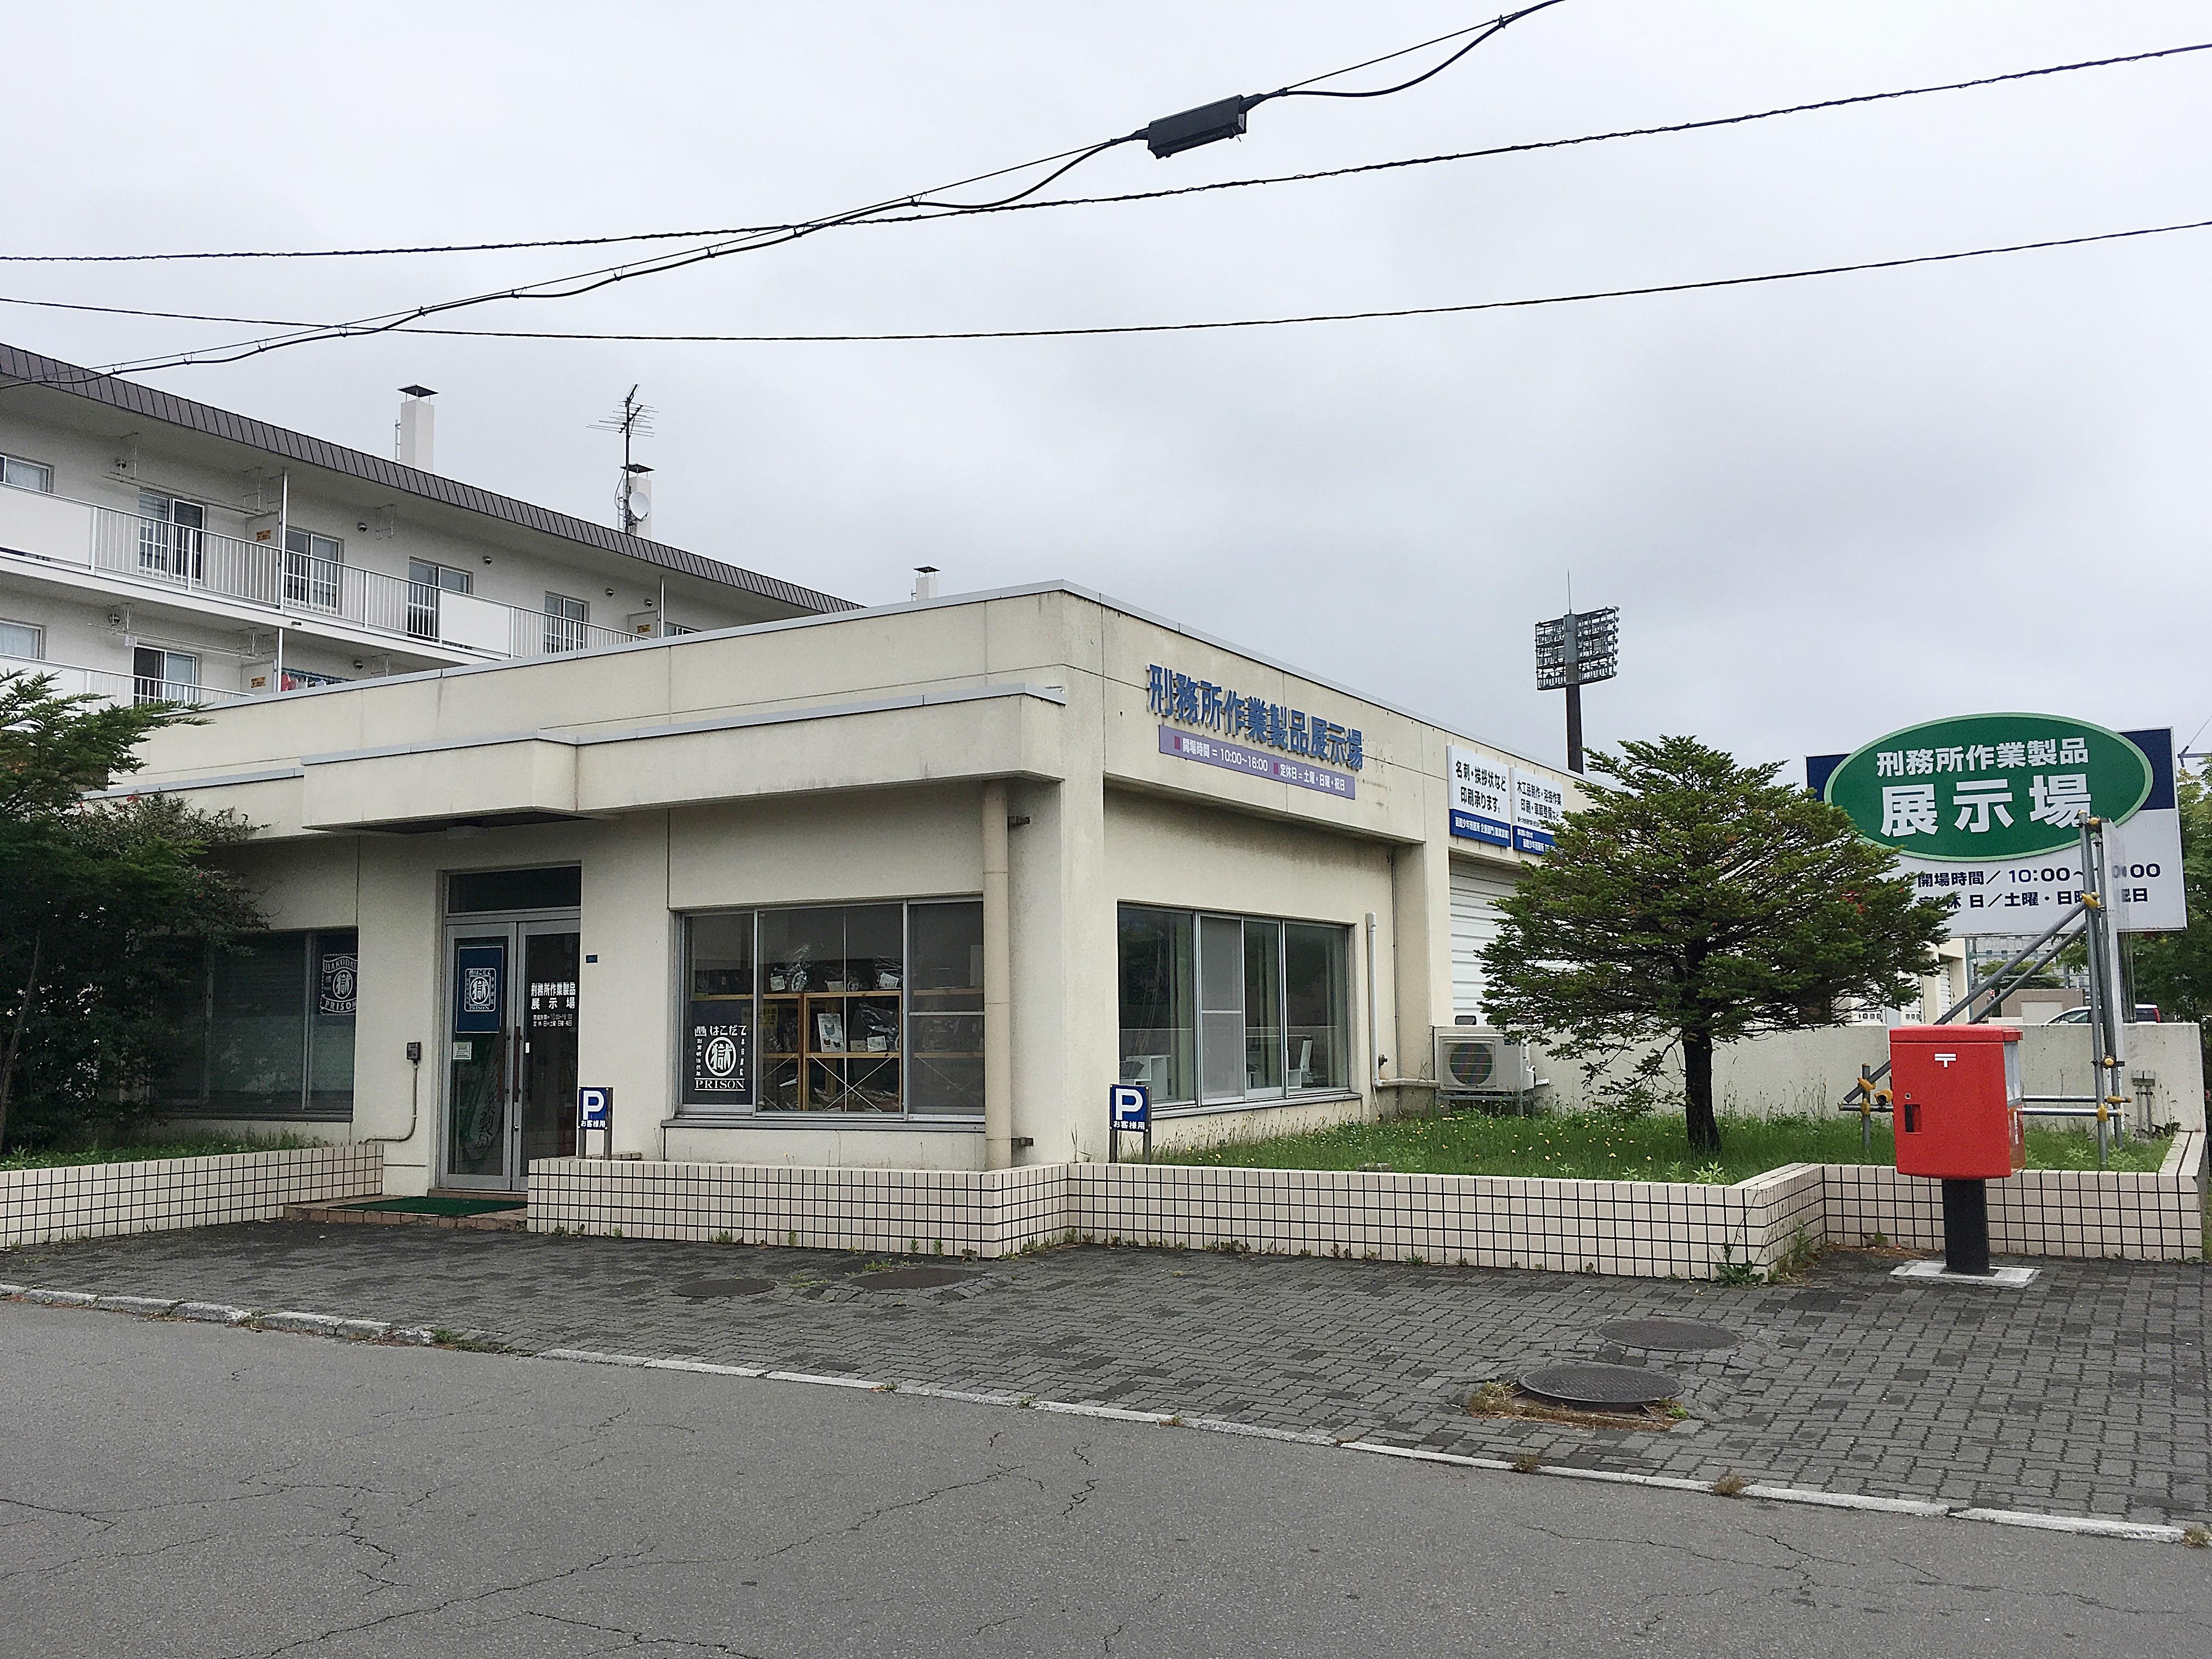 函館刑務所作業製品展示場.JPG